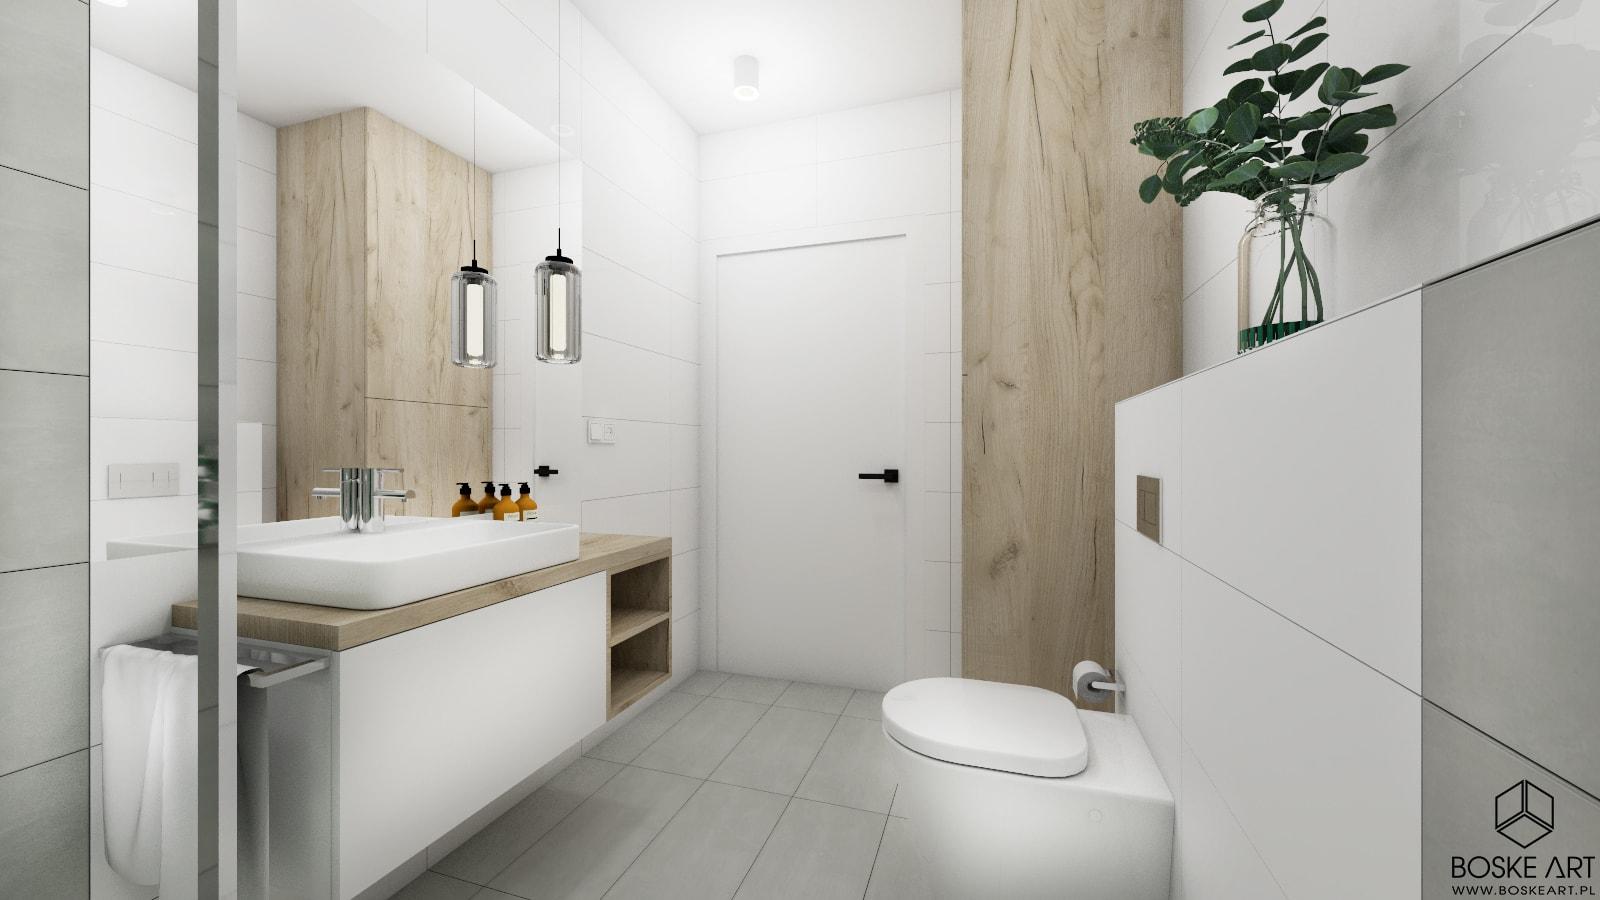 9_projekt_apartamentu_kawalerki_poznan_boske_art_projektowanie_wnetrz_aranzacja_natalia_robaszkiewicz-min